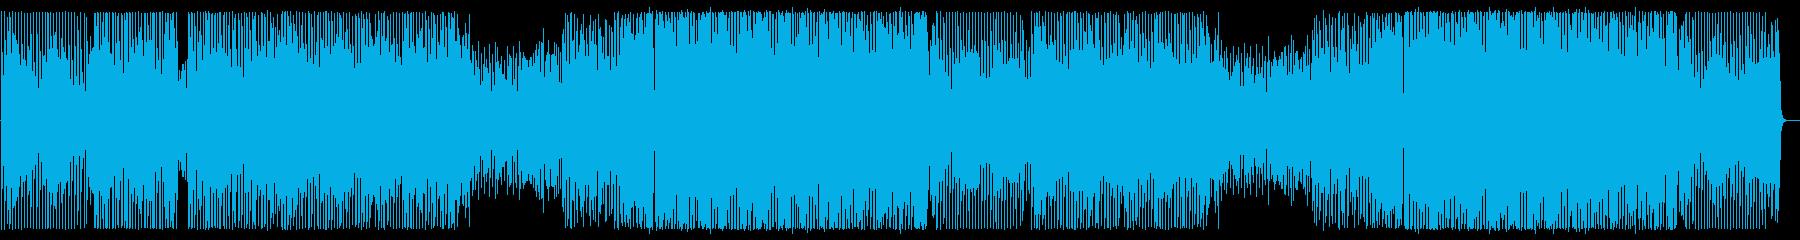 アップテンポなテクノポップの再生済みの波形